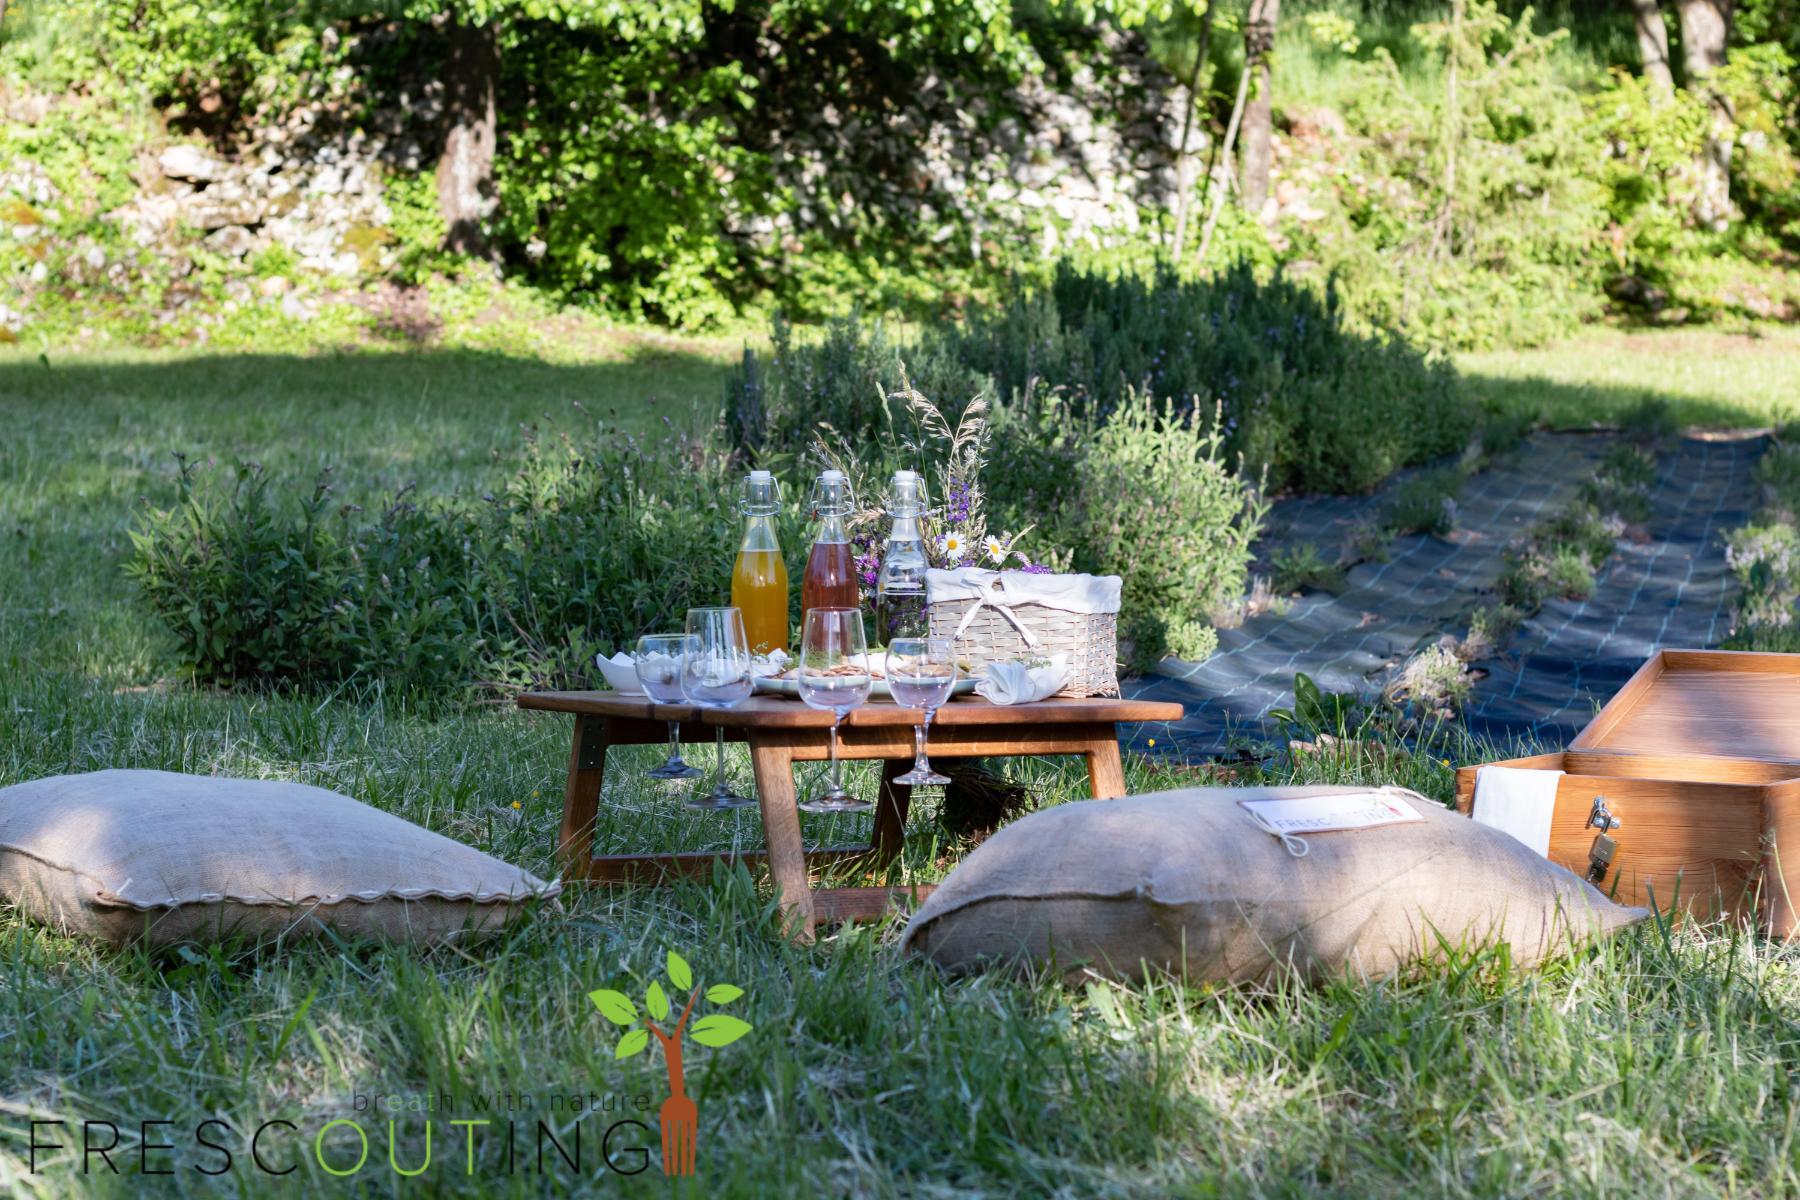 Frescouting jedilnica v naravnem okolju